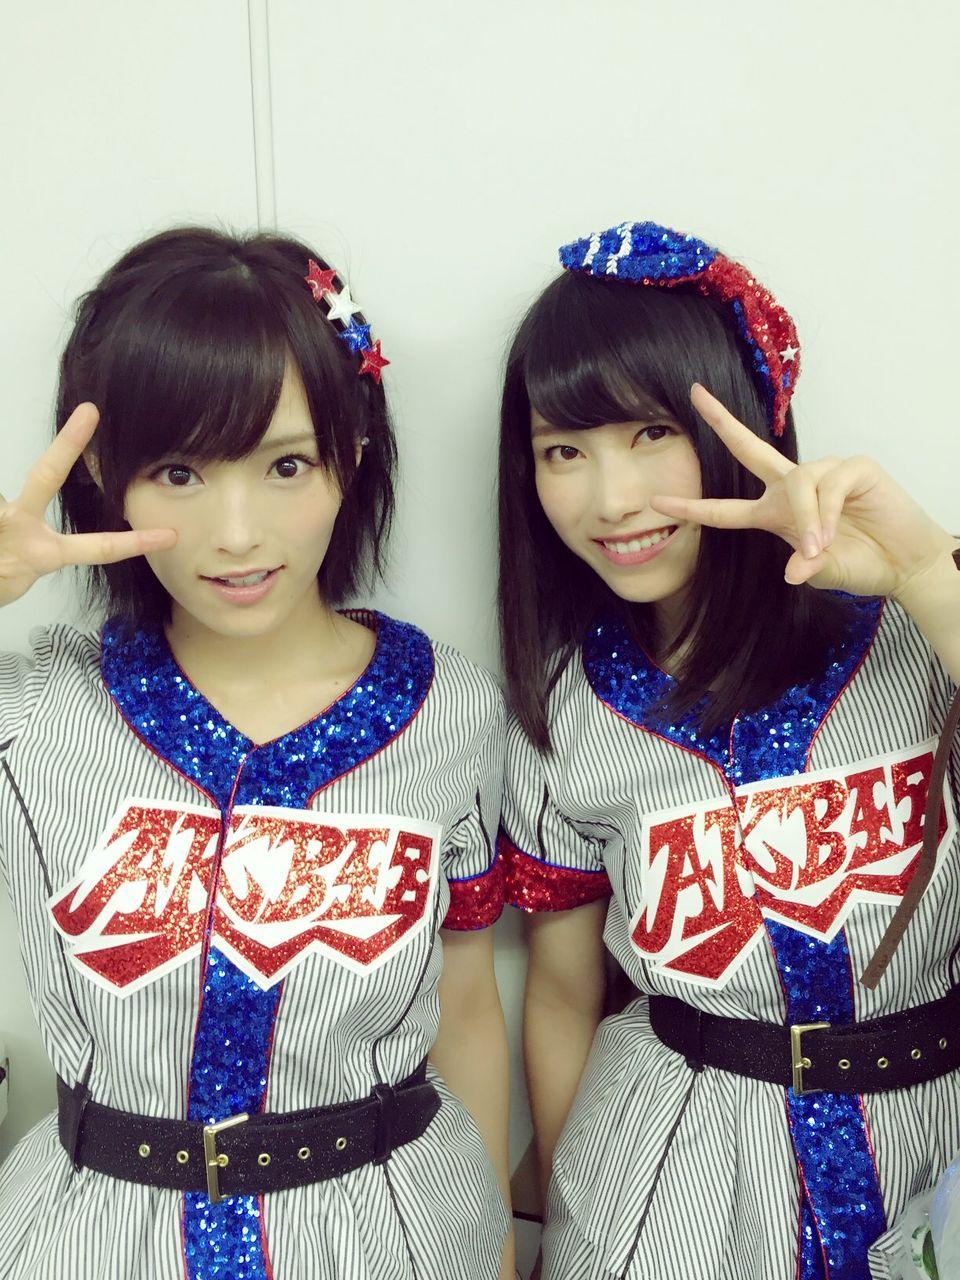 【テレ東音楽祭(3)】AKB48新曲『光と影の日々』が超絶神曲だった件